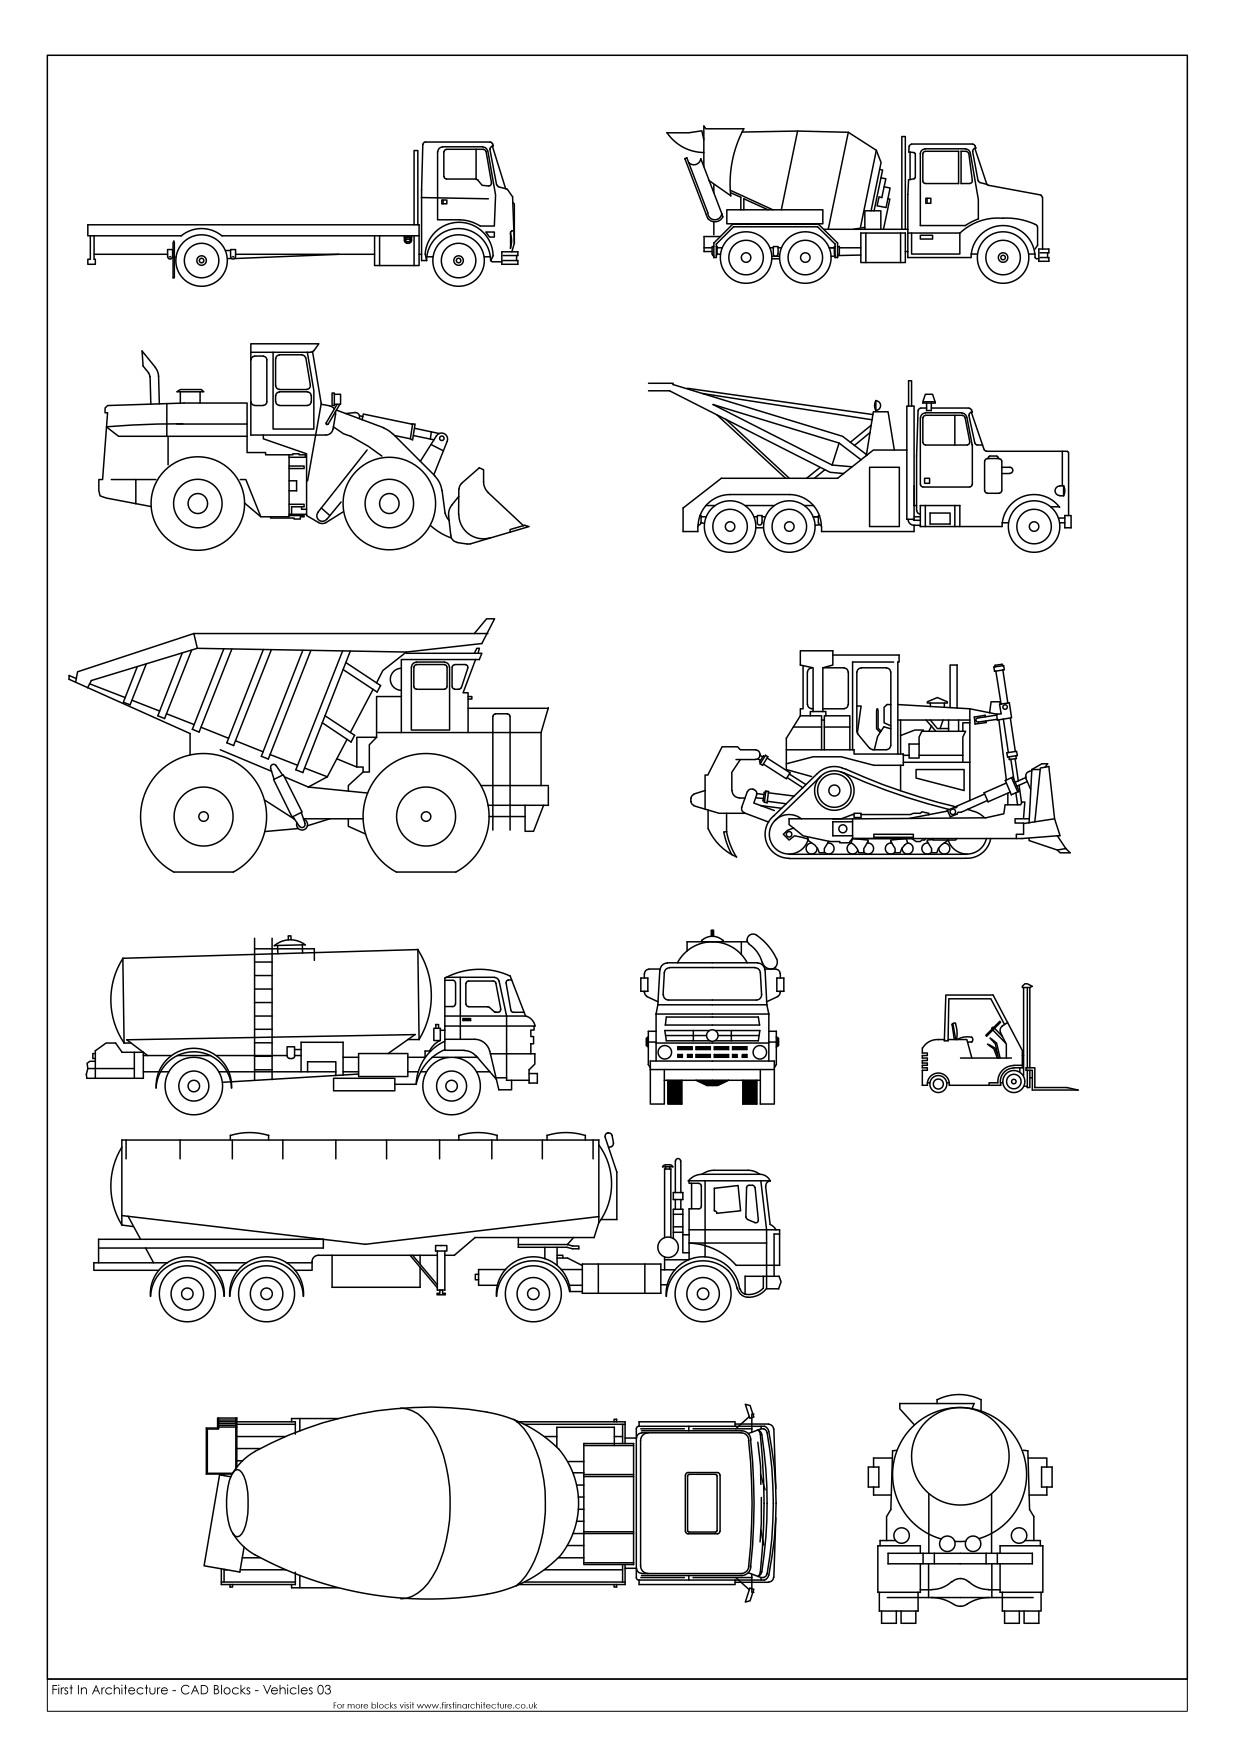 FIA Vehicle CAD Blocks 03